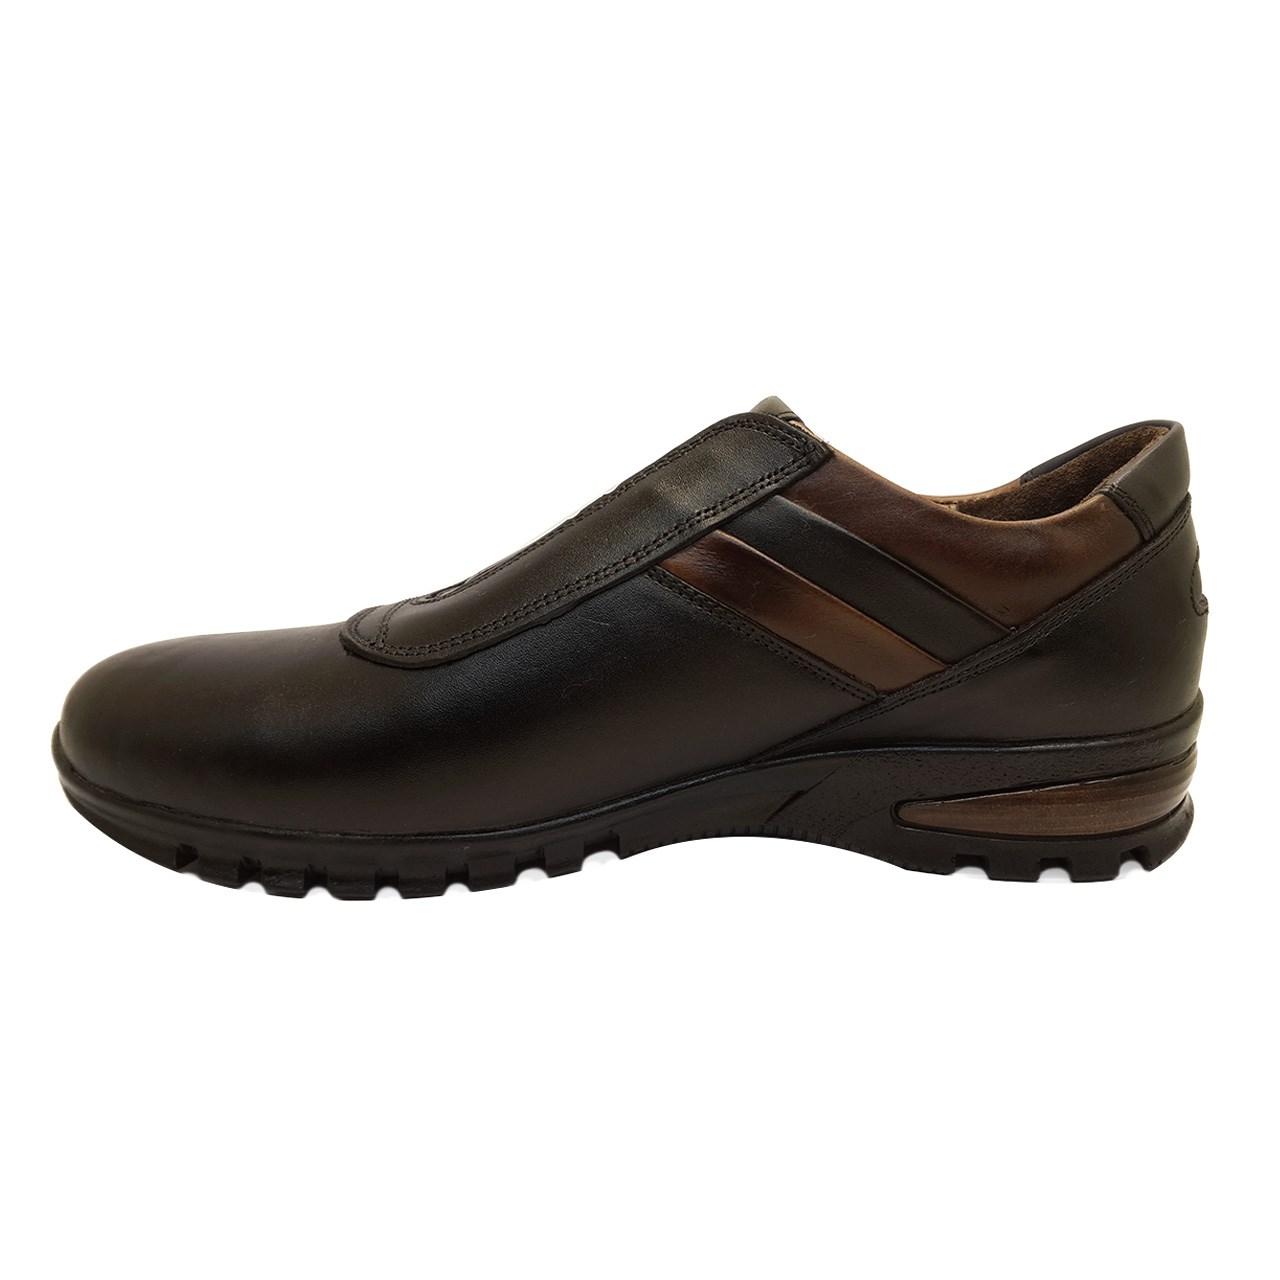 کفش چرمی طبی مردانه مدل پدیده